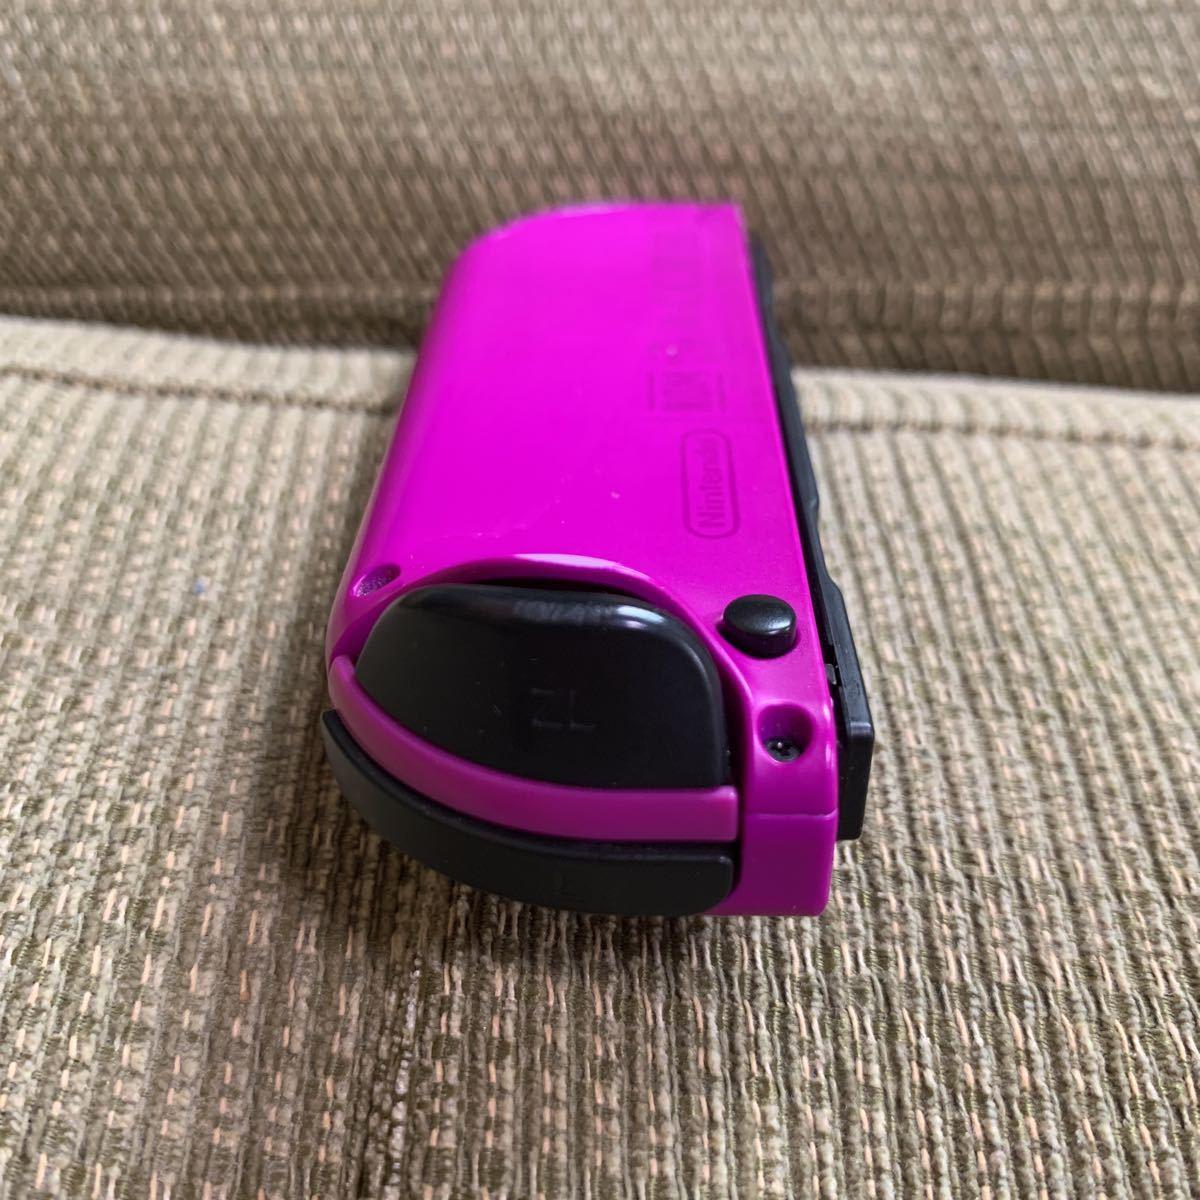 保証付き 動作確認済 Nintendo Switch Joy-Con(L) ネオンパープル ジョイコン L - 左 紫色 任天堂 ニンテンドースイッチ コントローラー